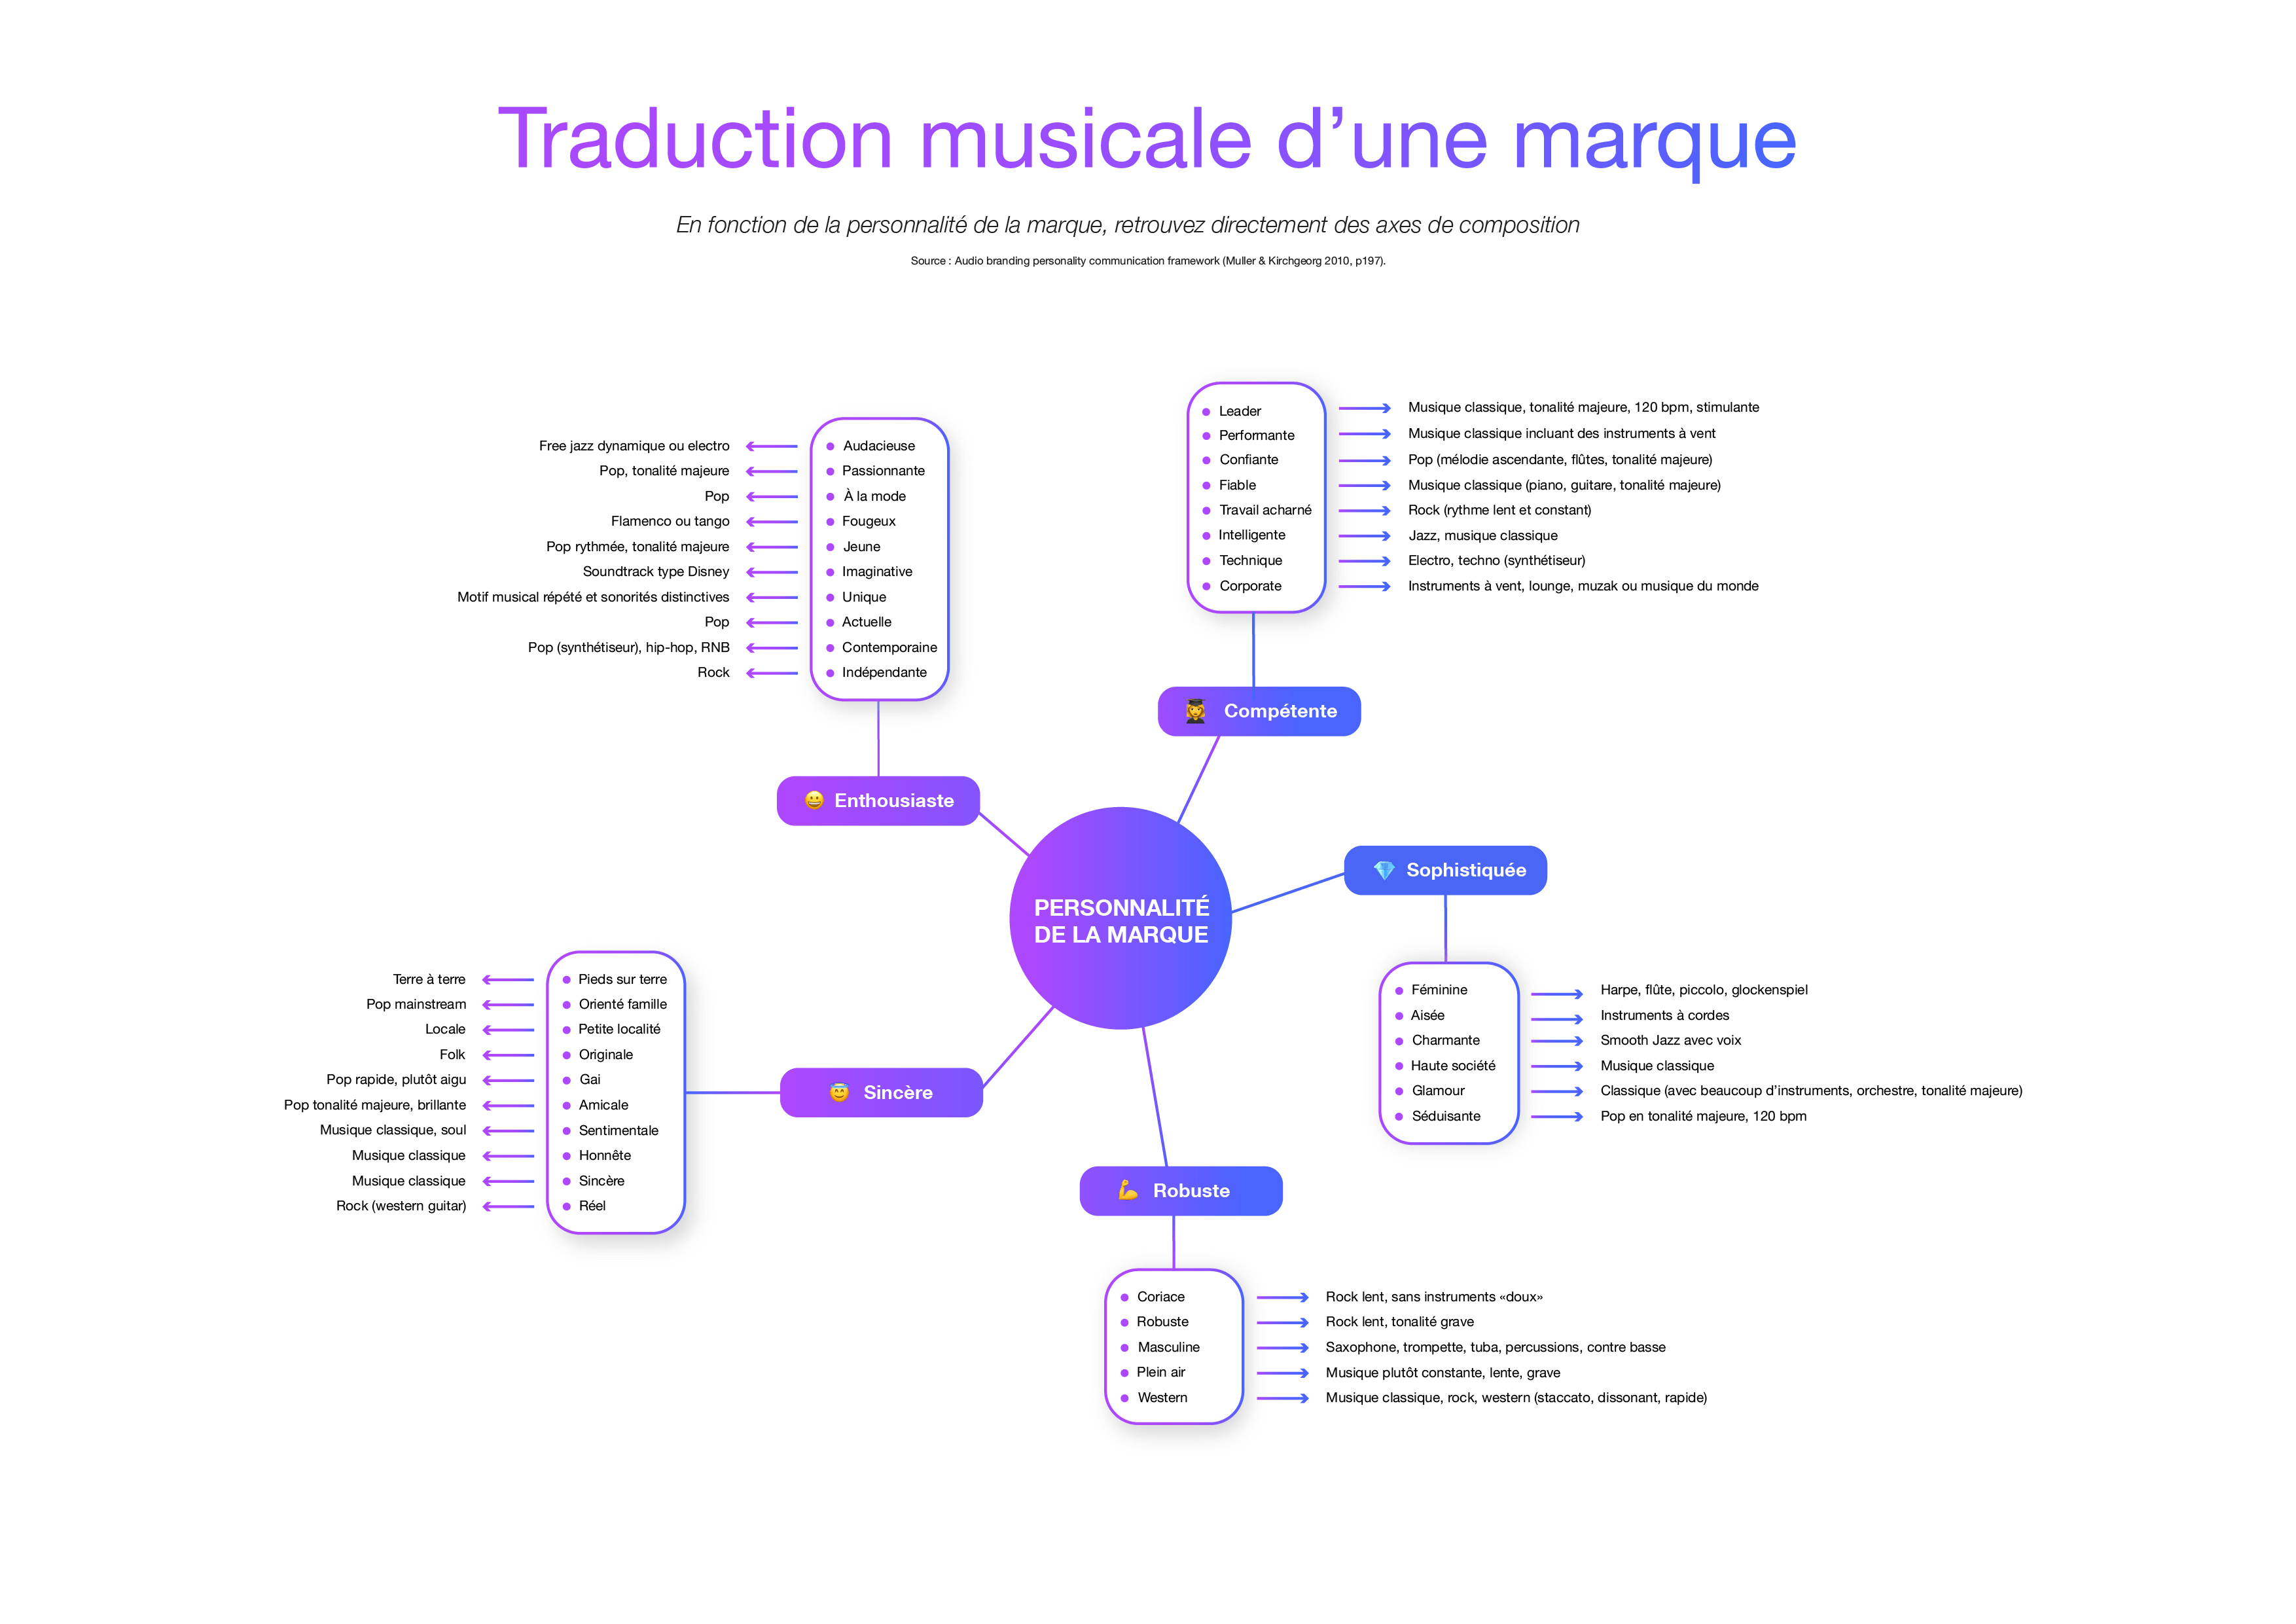 Infographie de la traduction d'une marque en musique